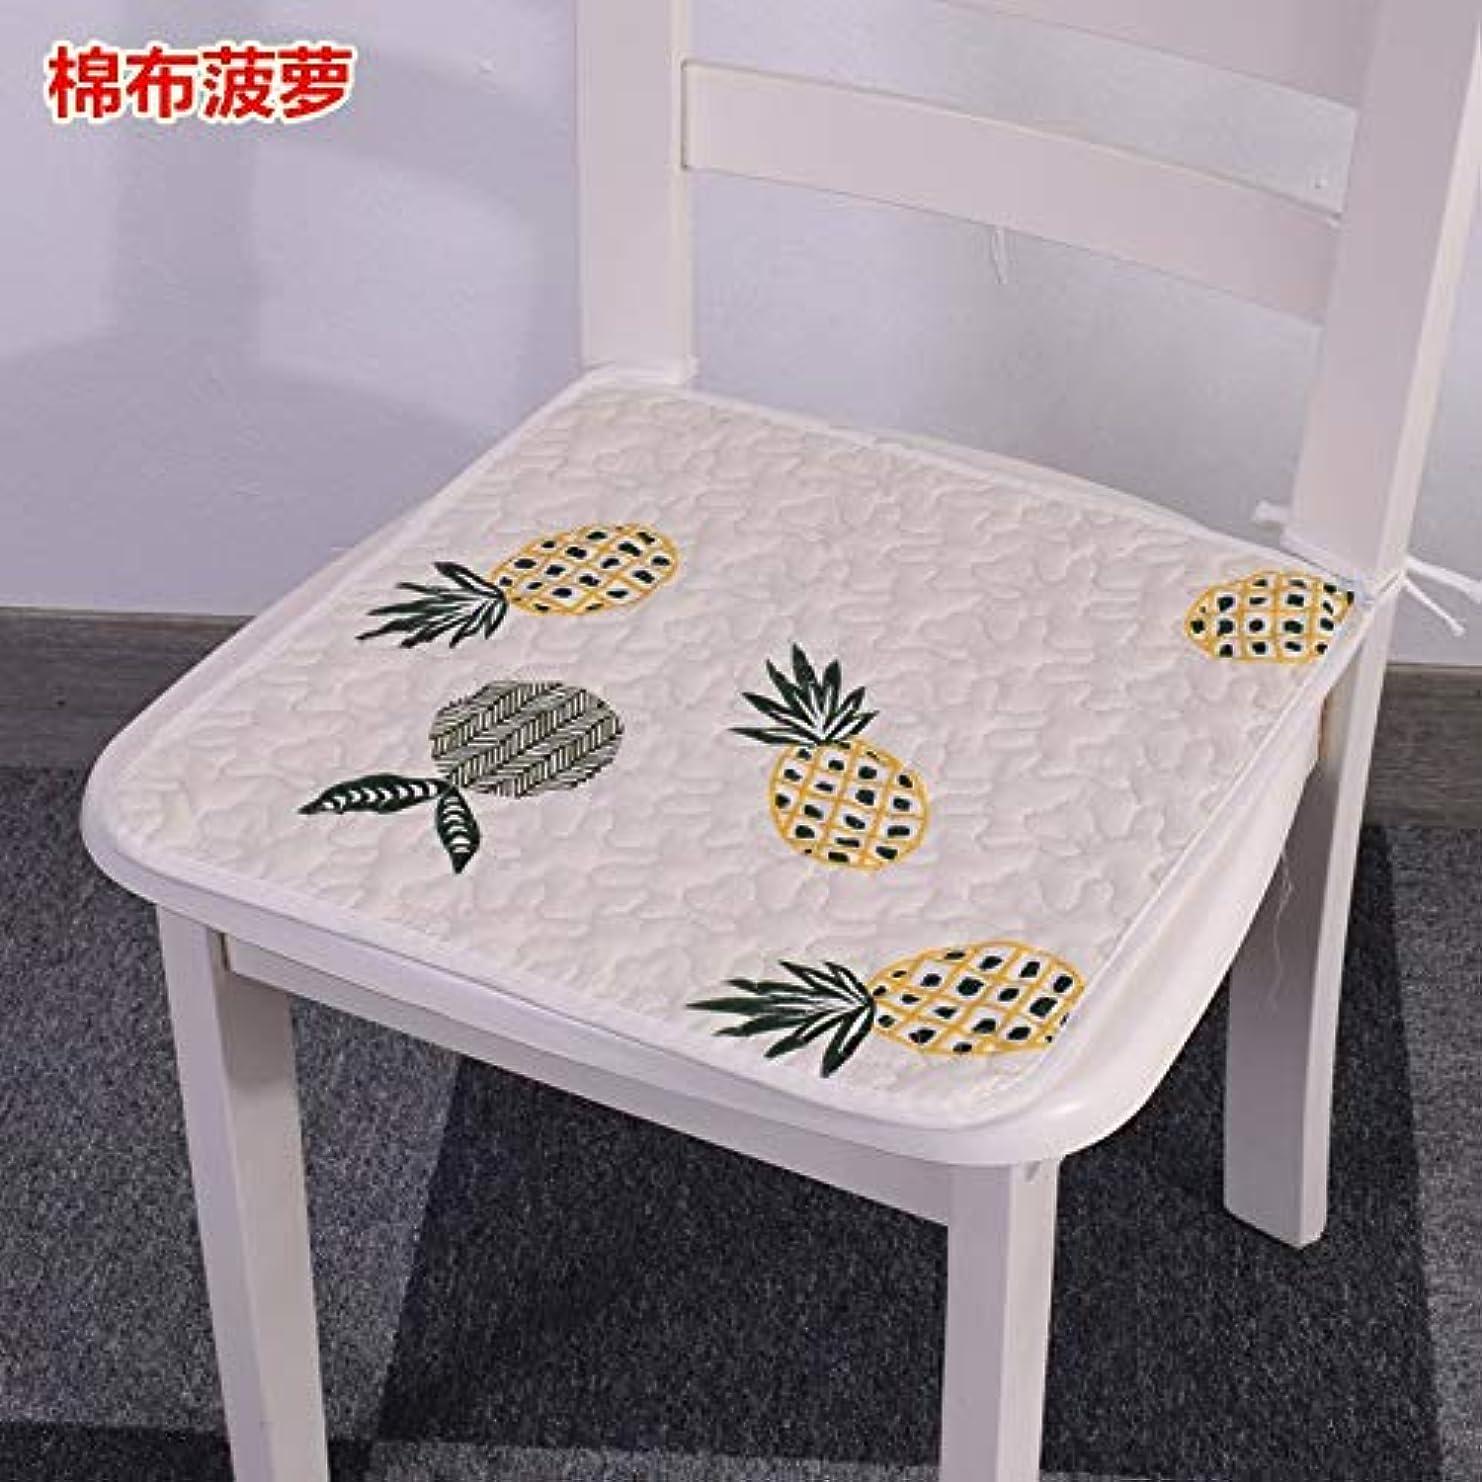 いっぱいビデオ回想LIFE 現代スーパーソフト椅子クッション非スリップシートクッションマットソファホームデコレーションバッククッションチェアパッド 40*40/45*45/50*50 センチメートル クッション 椅子